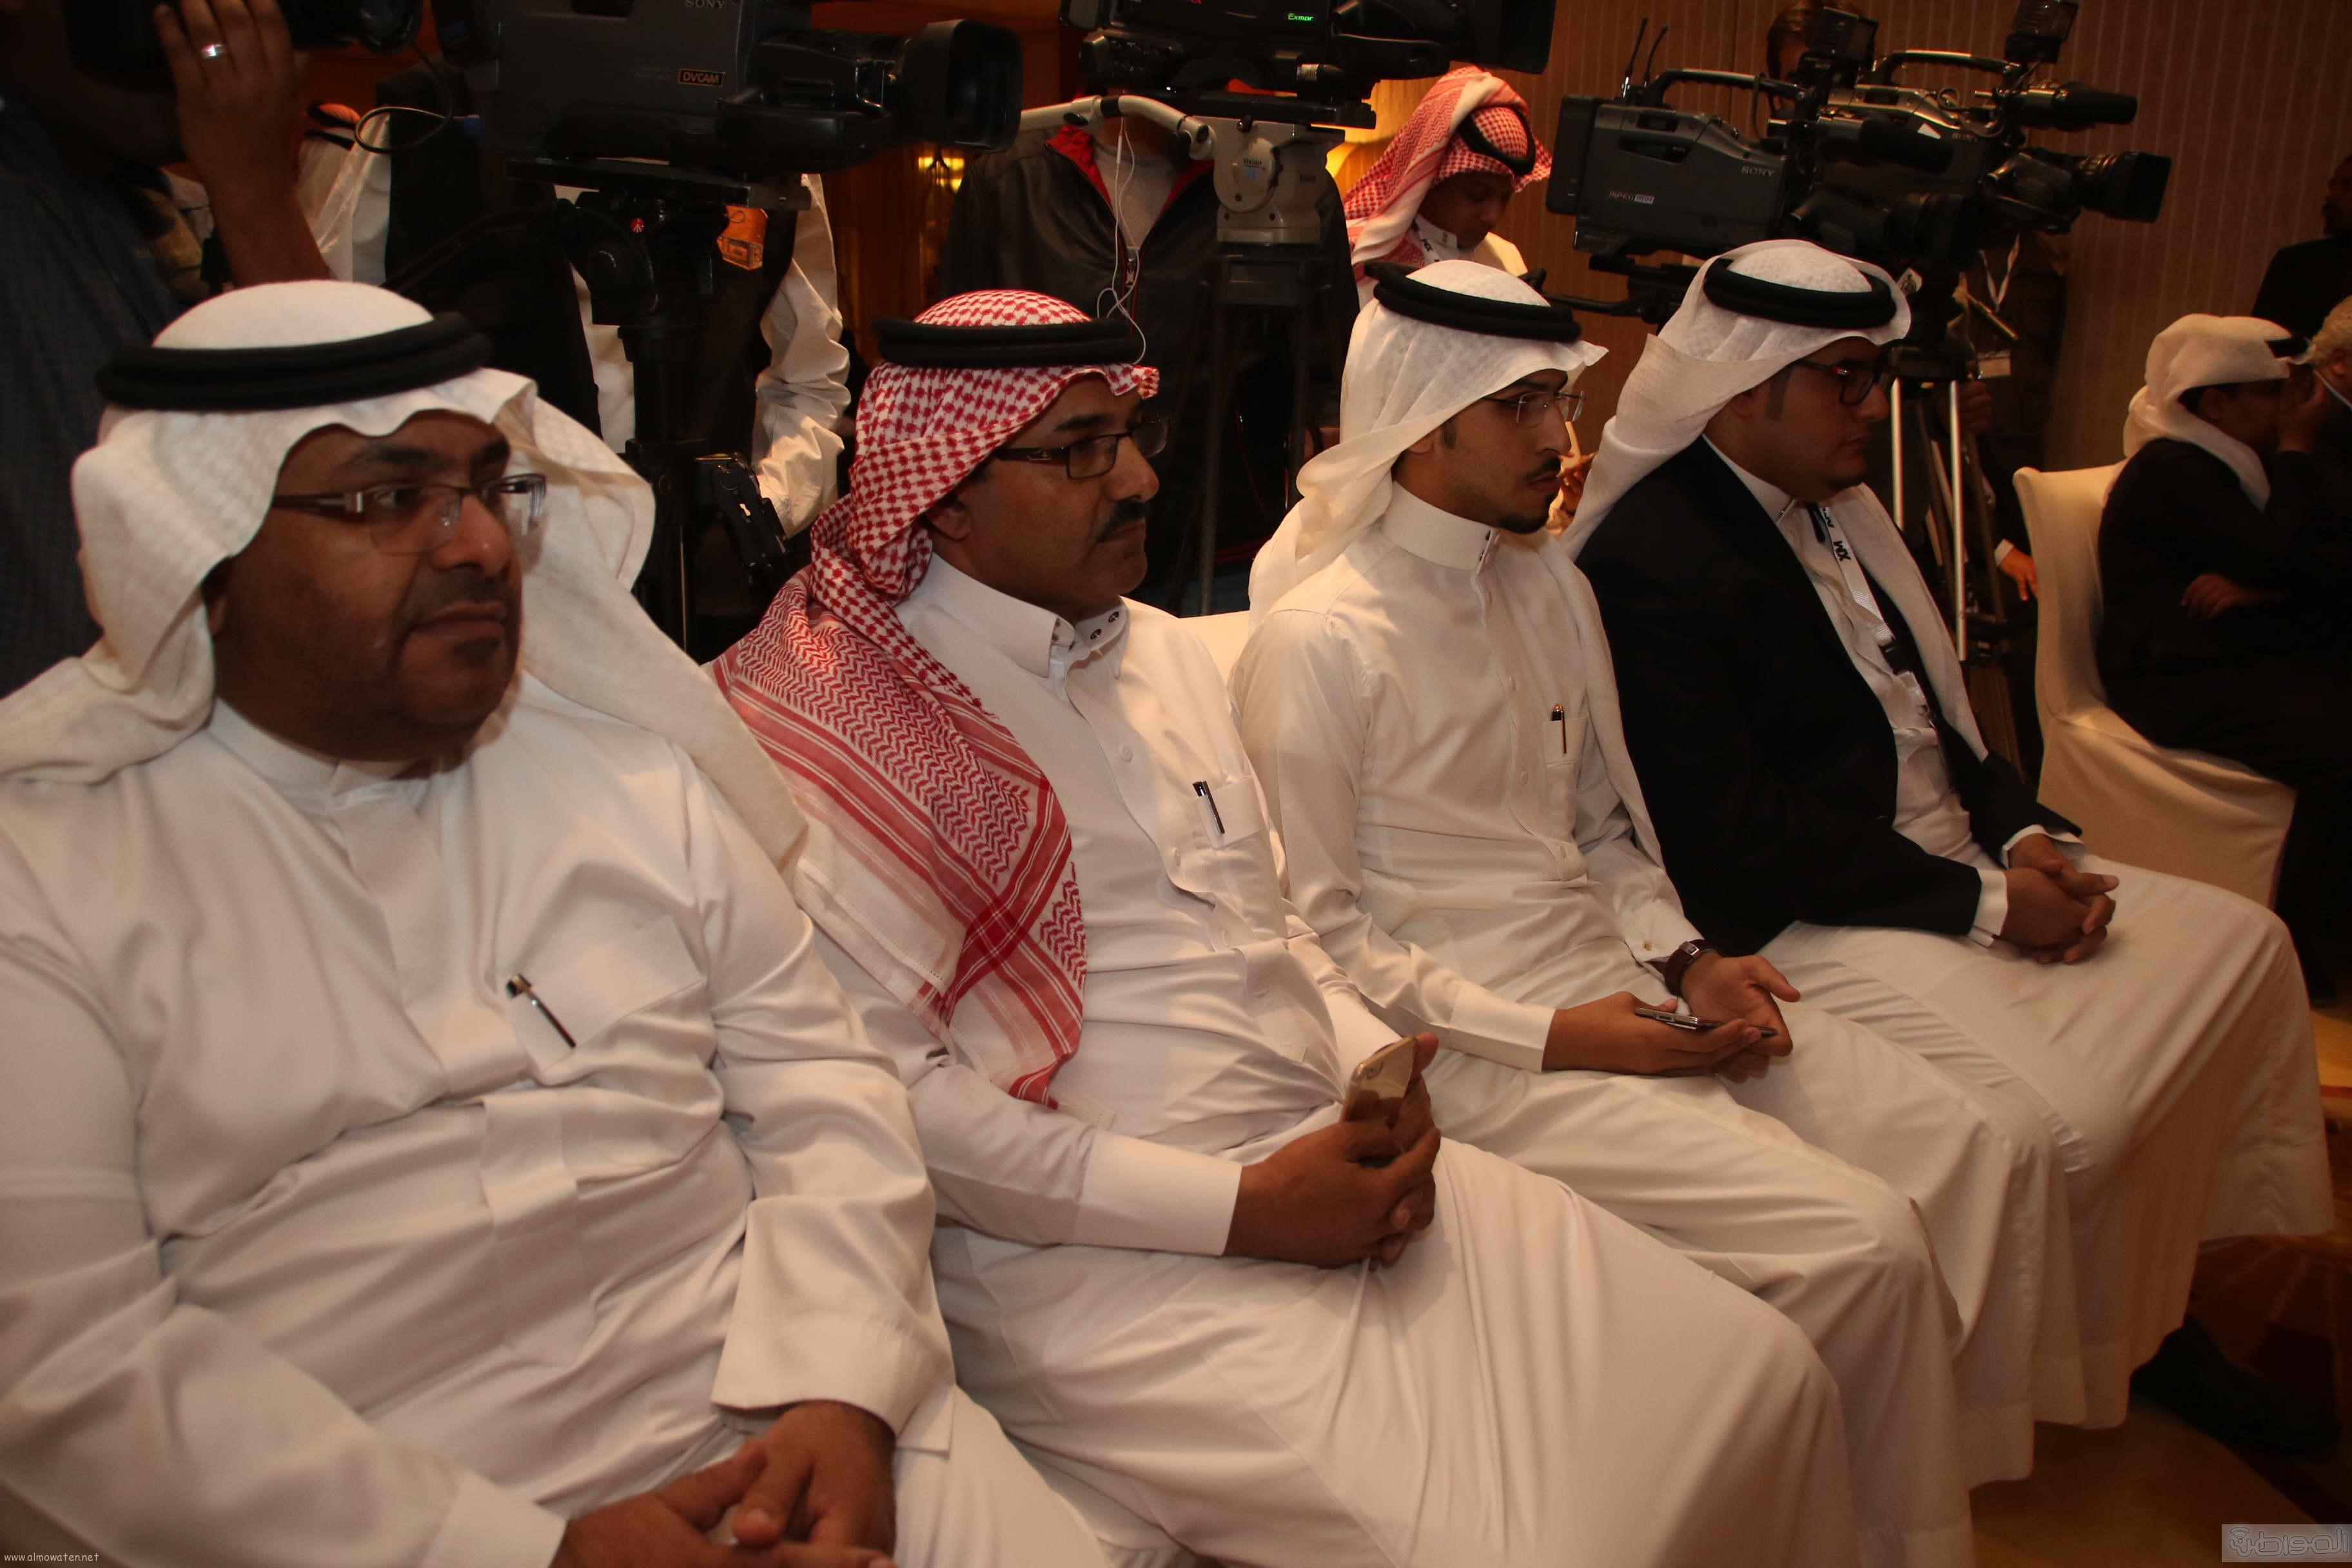 لقطات لتدشين الامير سيف الاسلام ملتقى رواد صناعة السياحة والسفر (8)